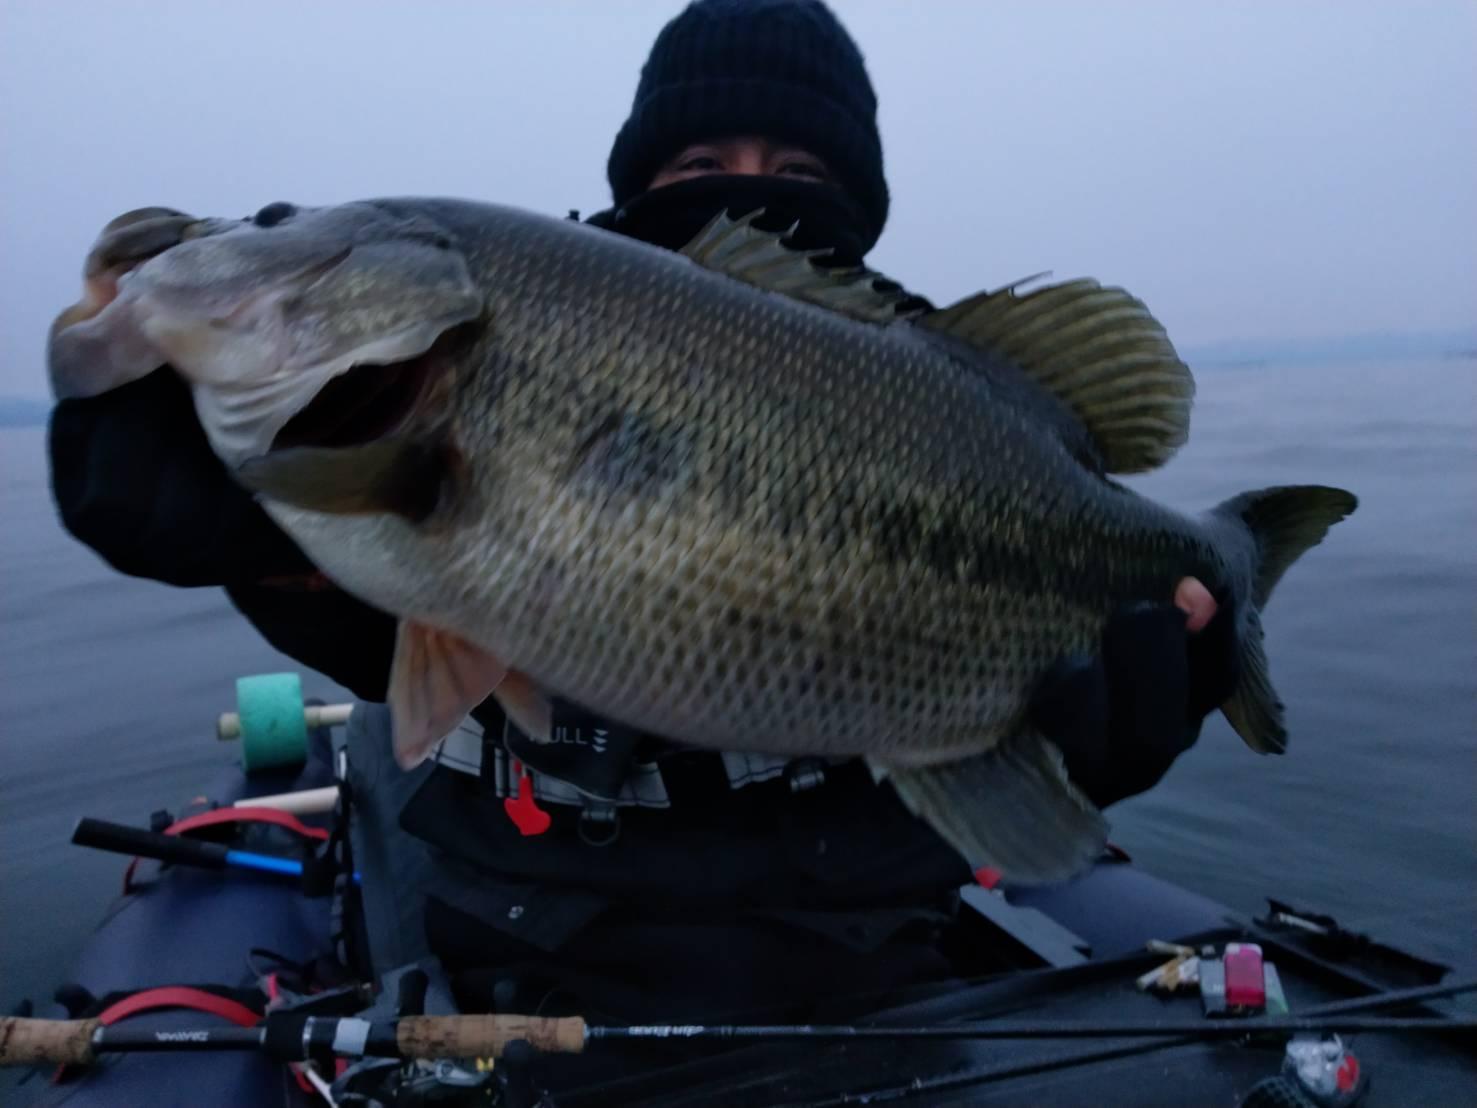 琵琶湖メタルバイブで捕獲した57cmデカバス